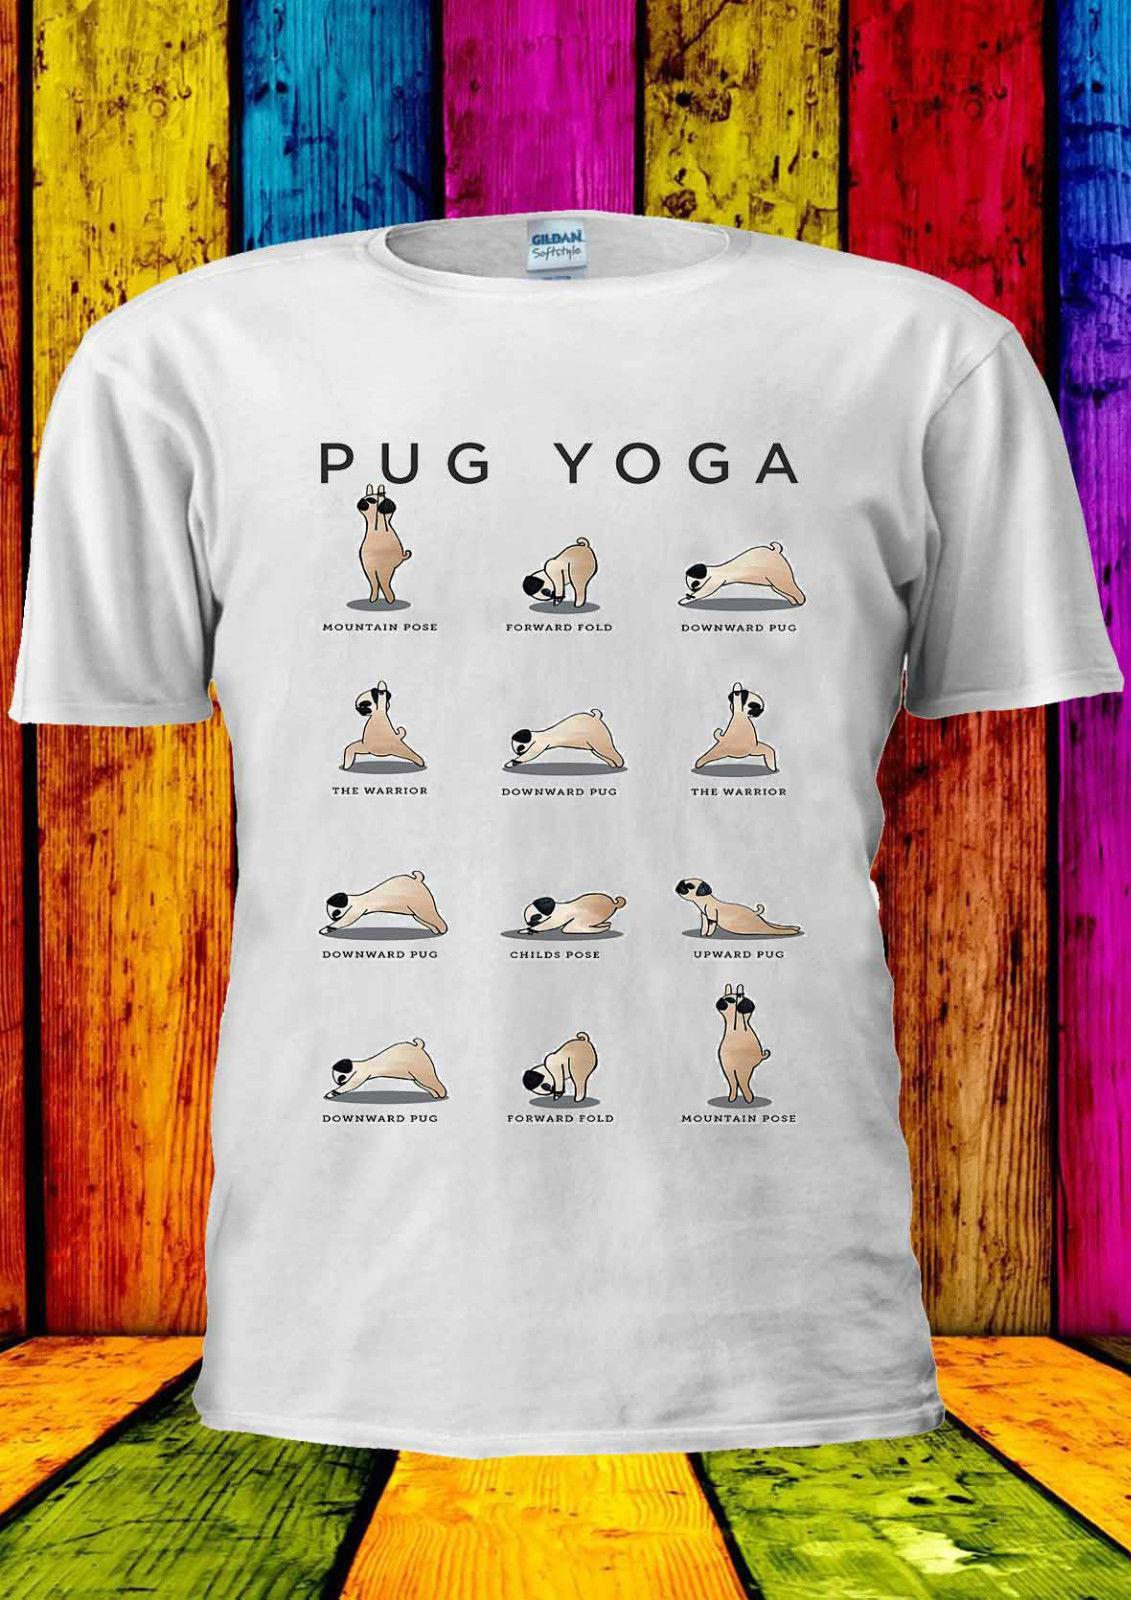 7475051721960 Compre Pug Yoga Dog Treinamento De Ginástica Engraçado Atacado Desconto T  Shirt Colete Tee Tops Das Mulheres Dos Homens Unisex 1969 Legal Casual  Orgulho T ...